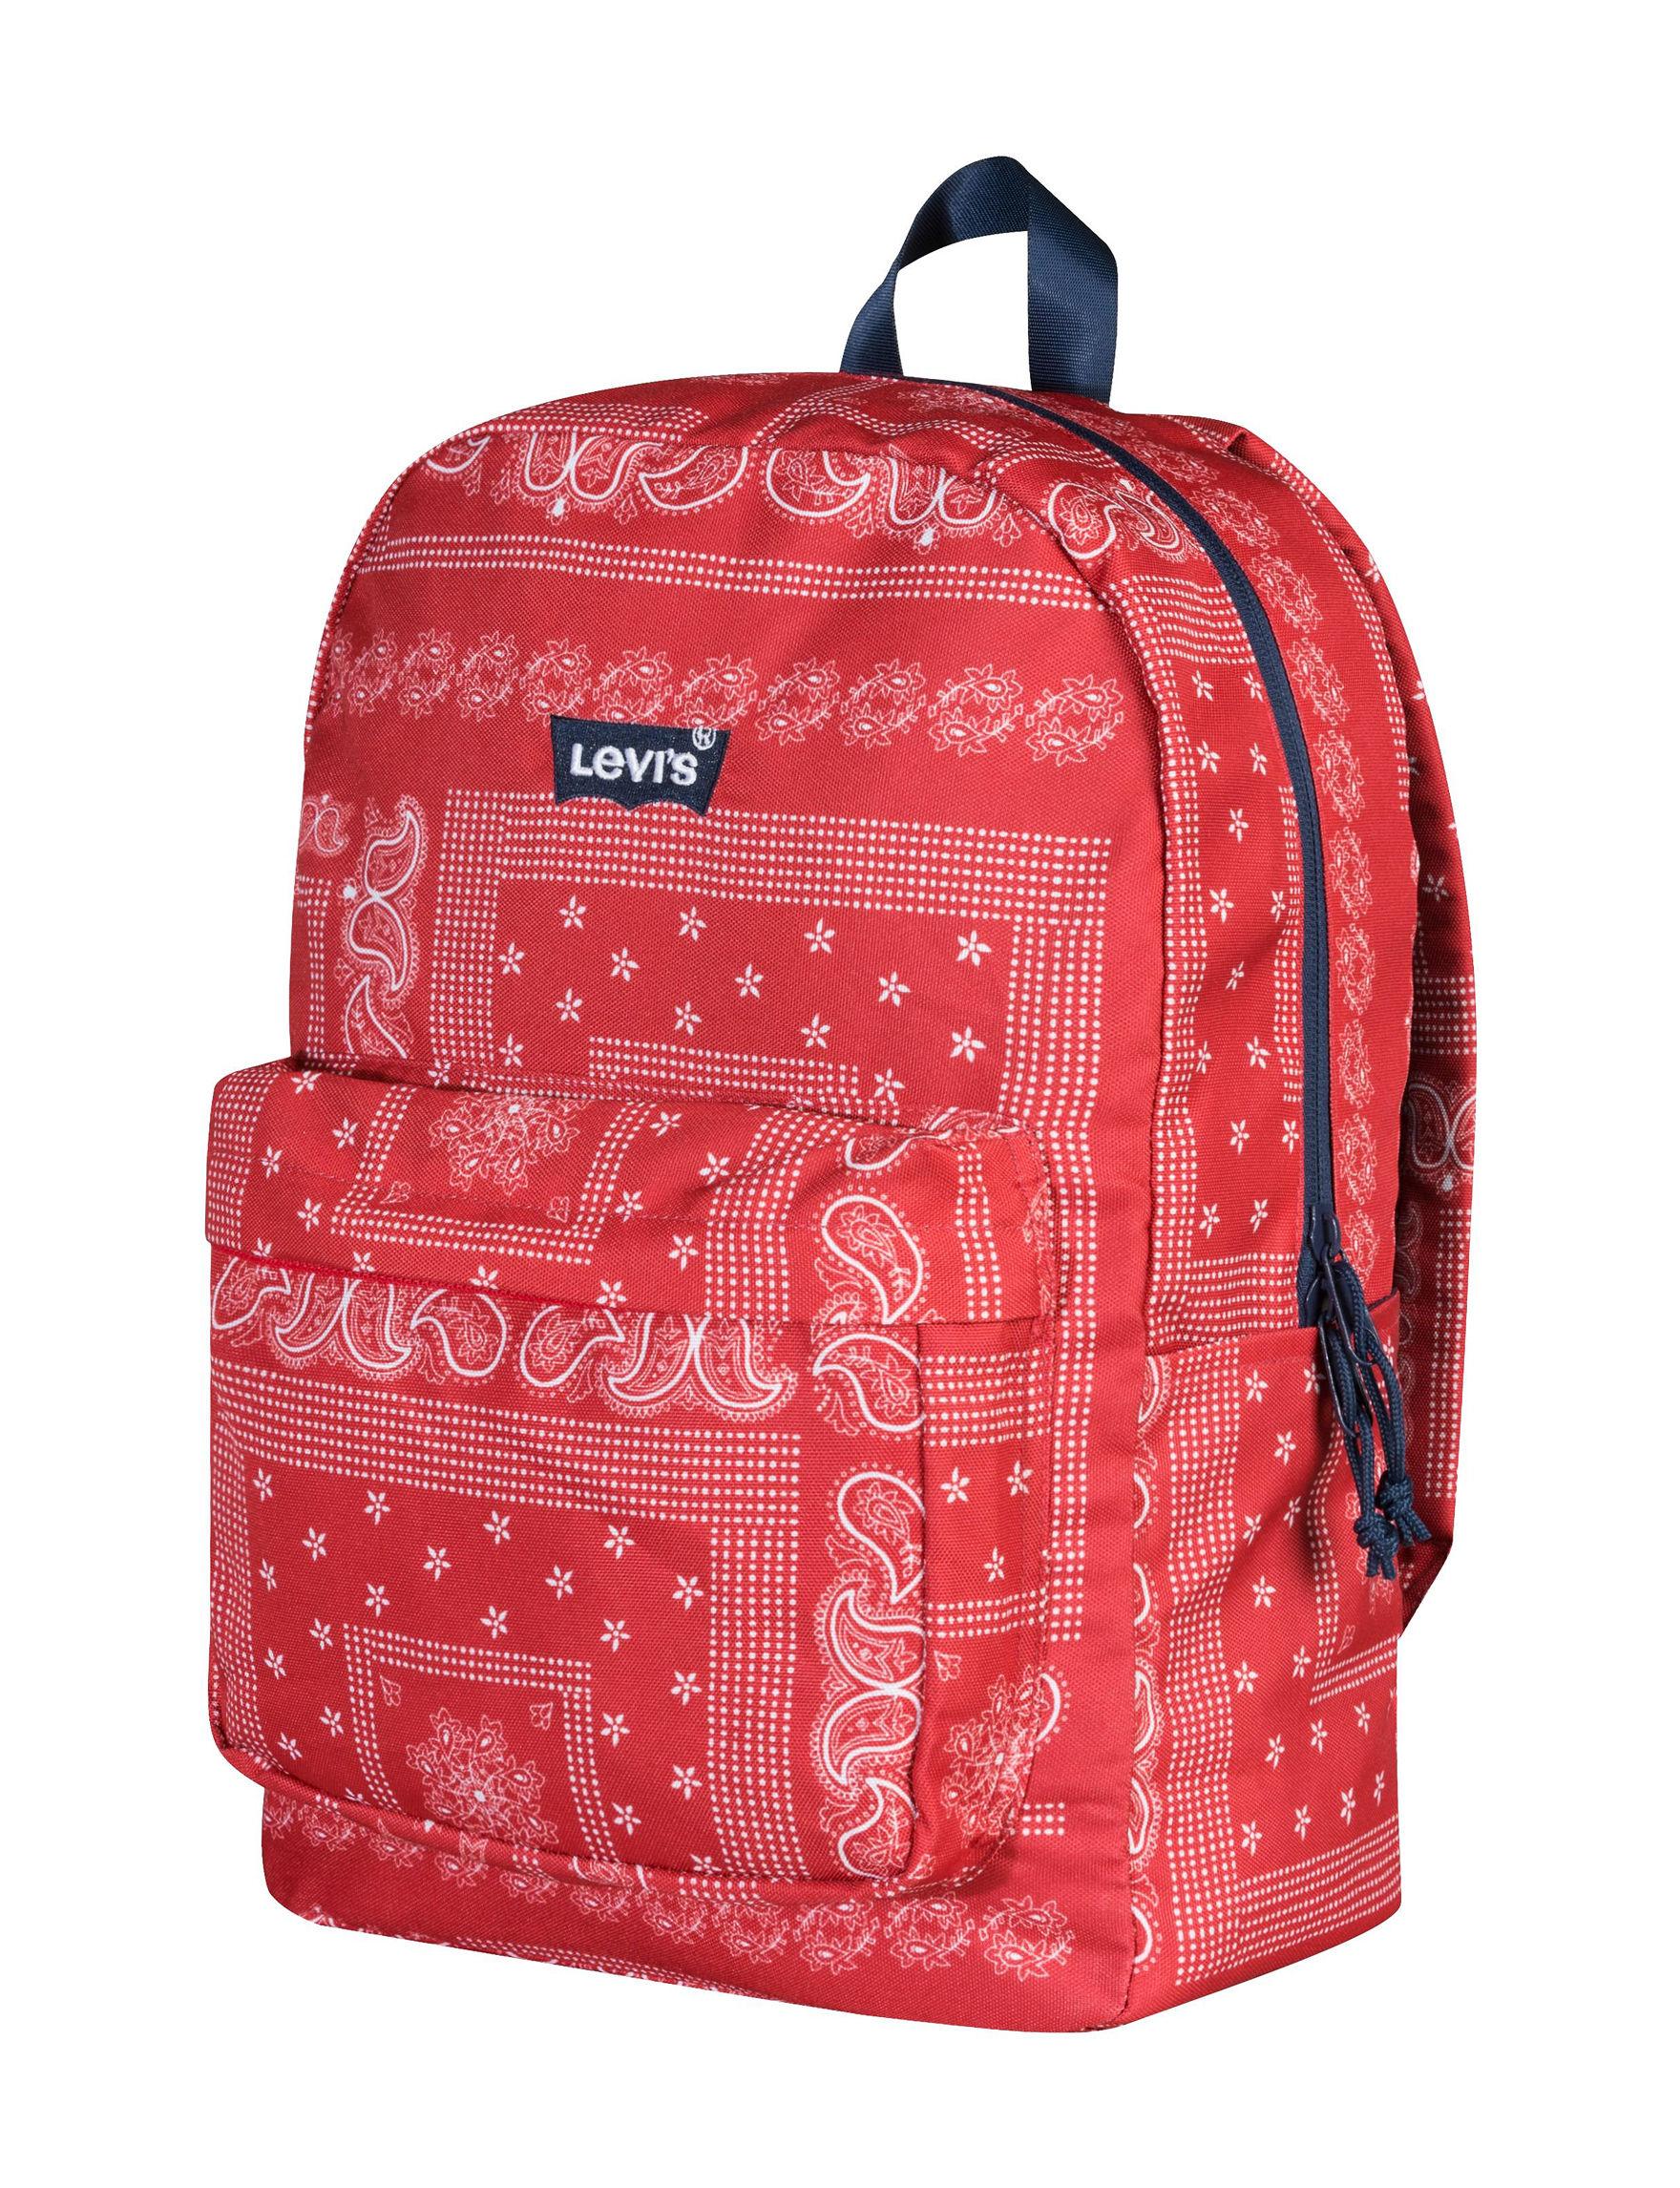 Levi's Red Bookbags & Backpacks